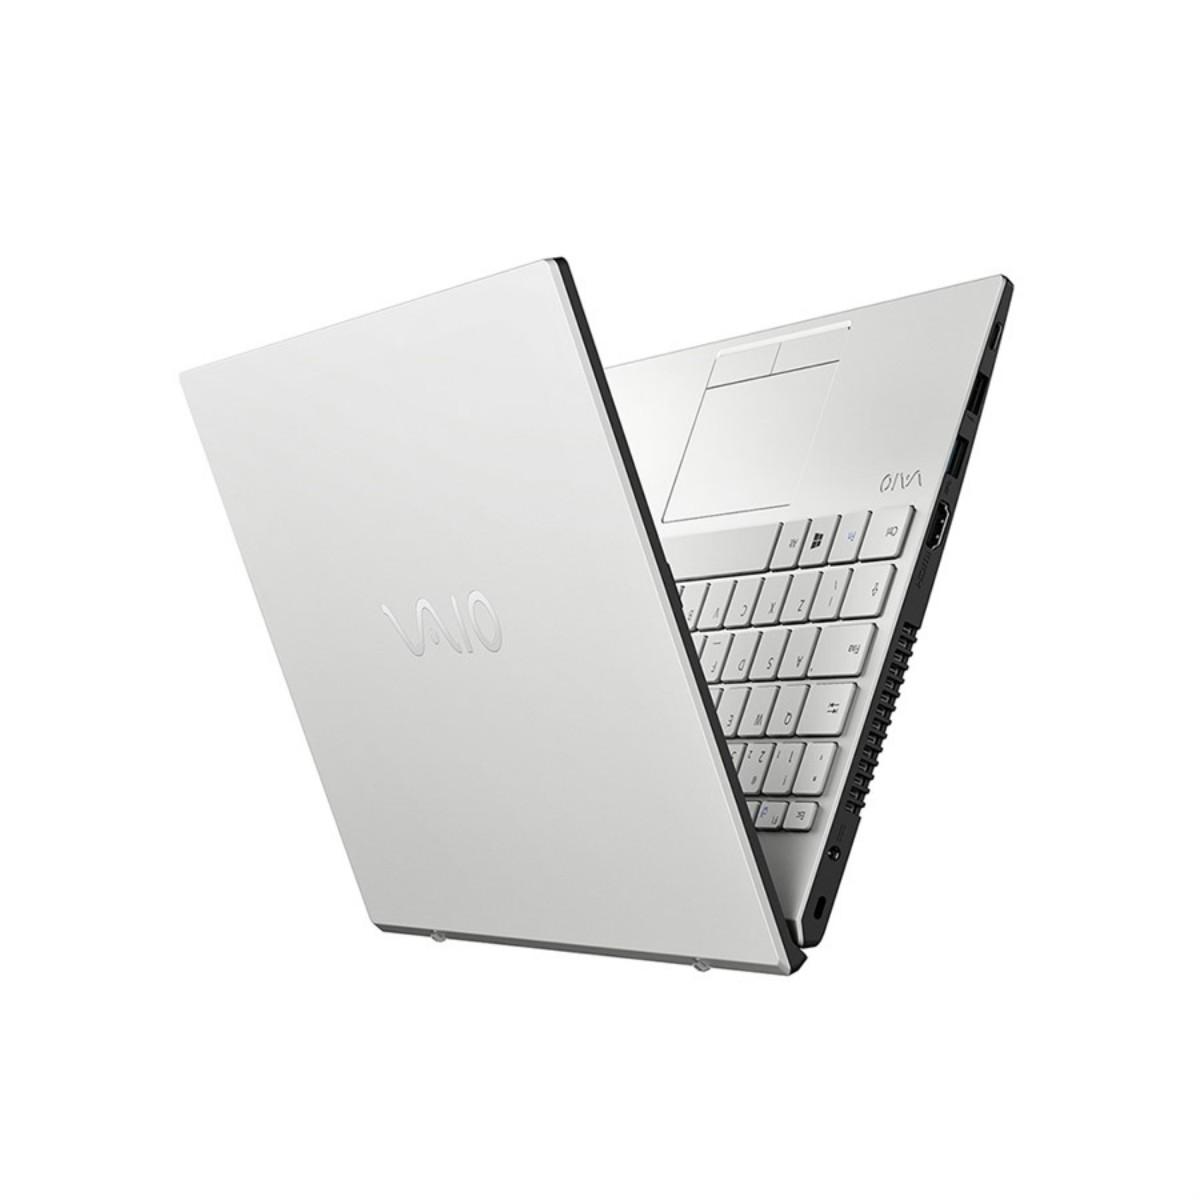 Imagem do Notebook da marca Vaio do Modelo FE14 VJFE41F11X-B0611W